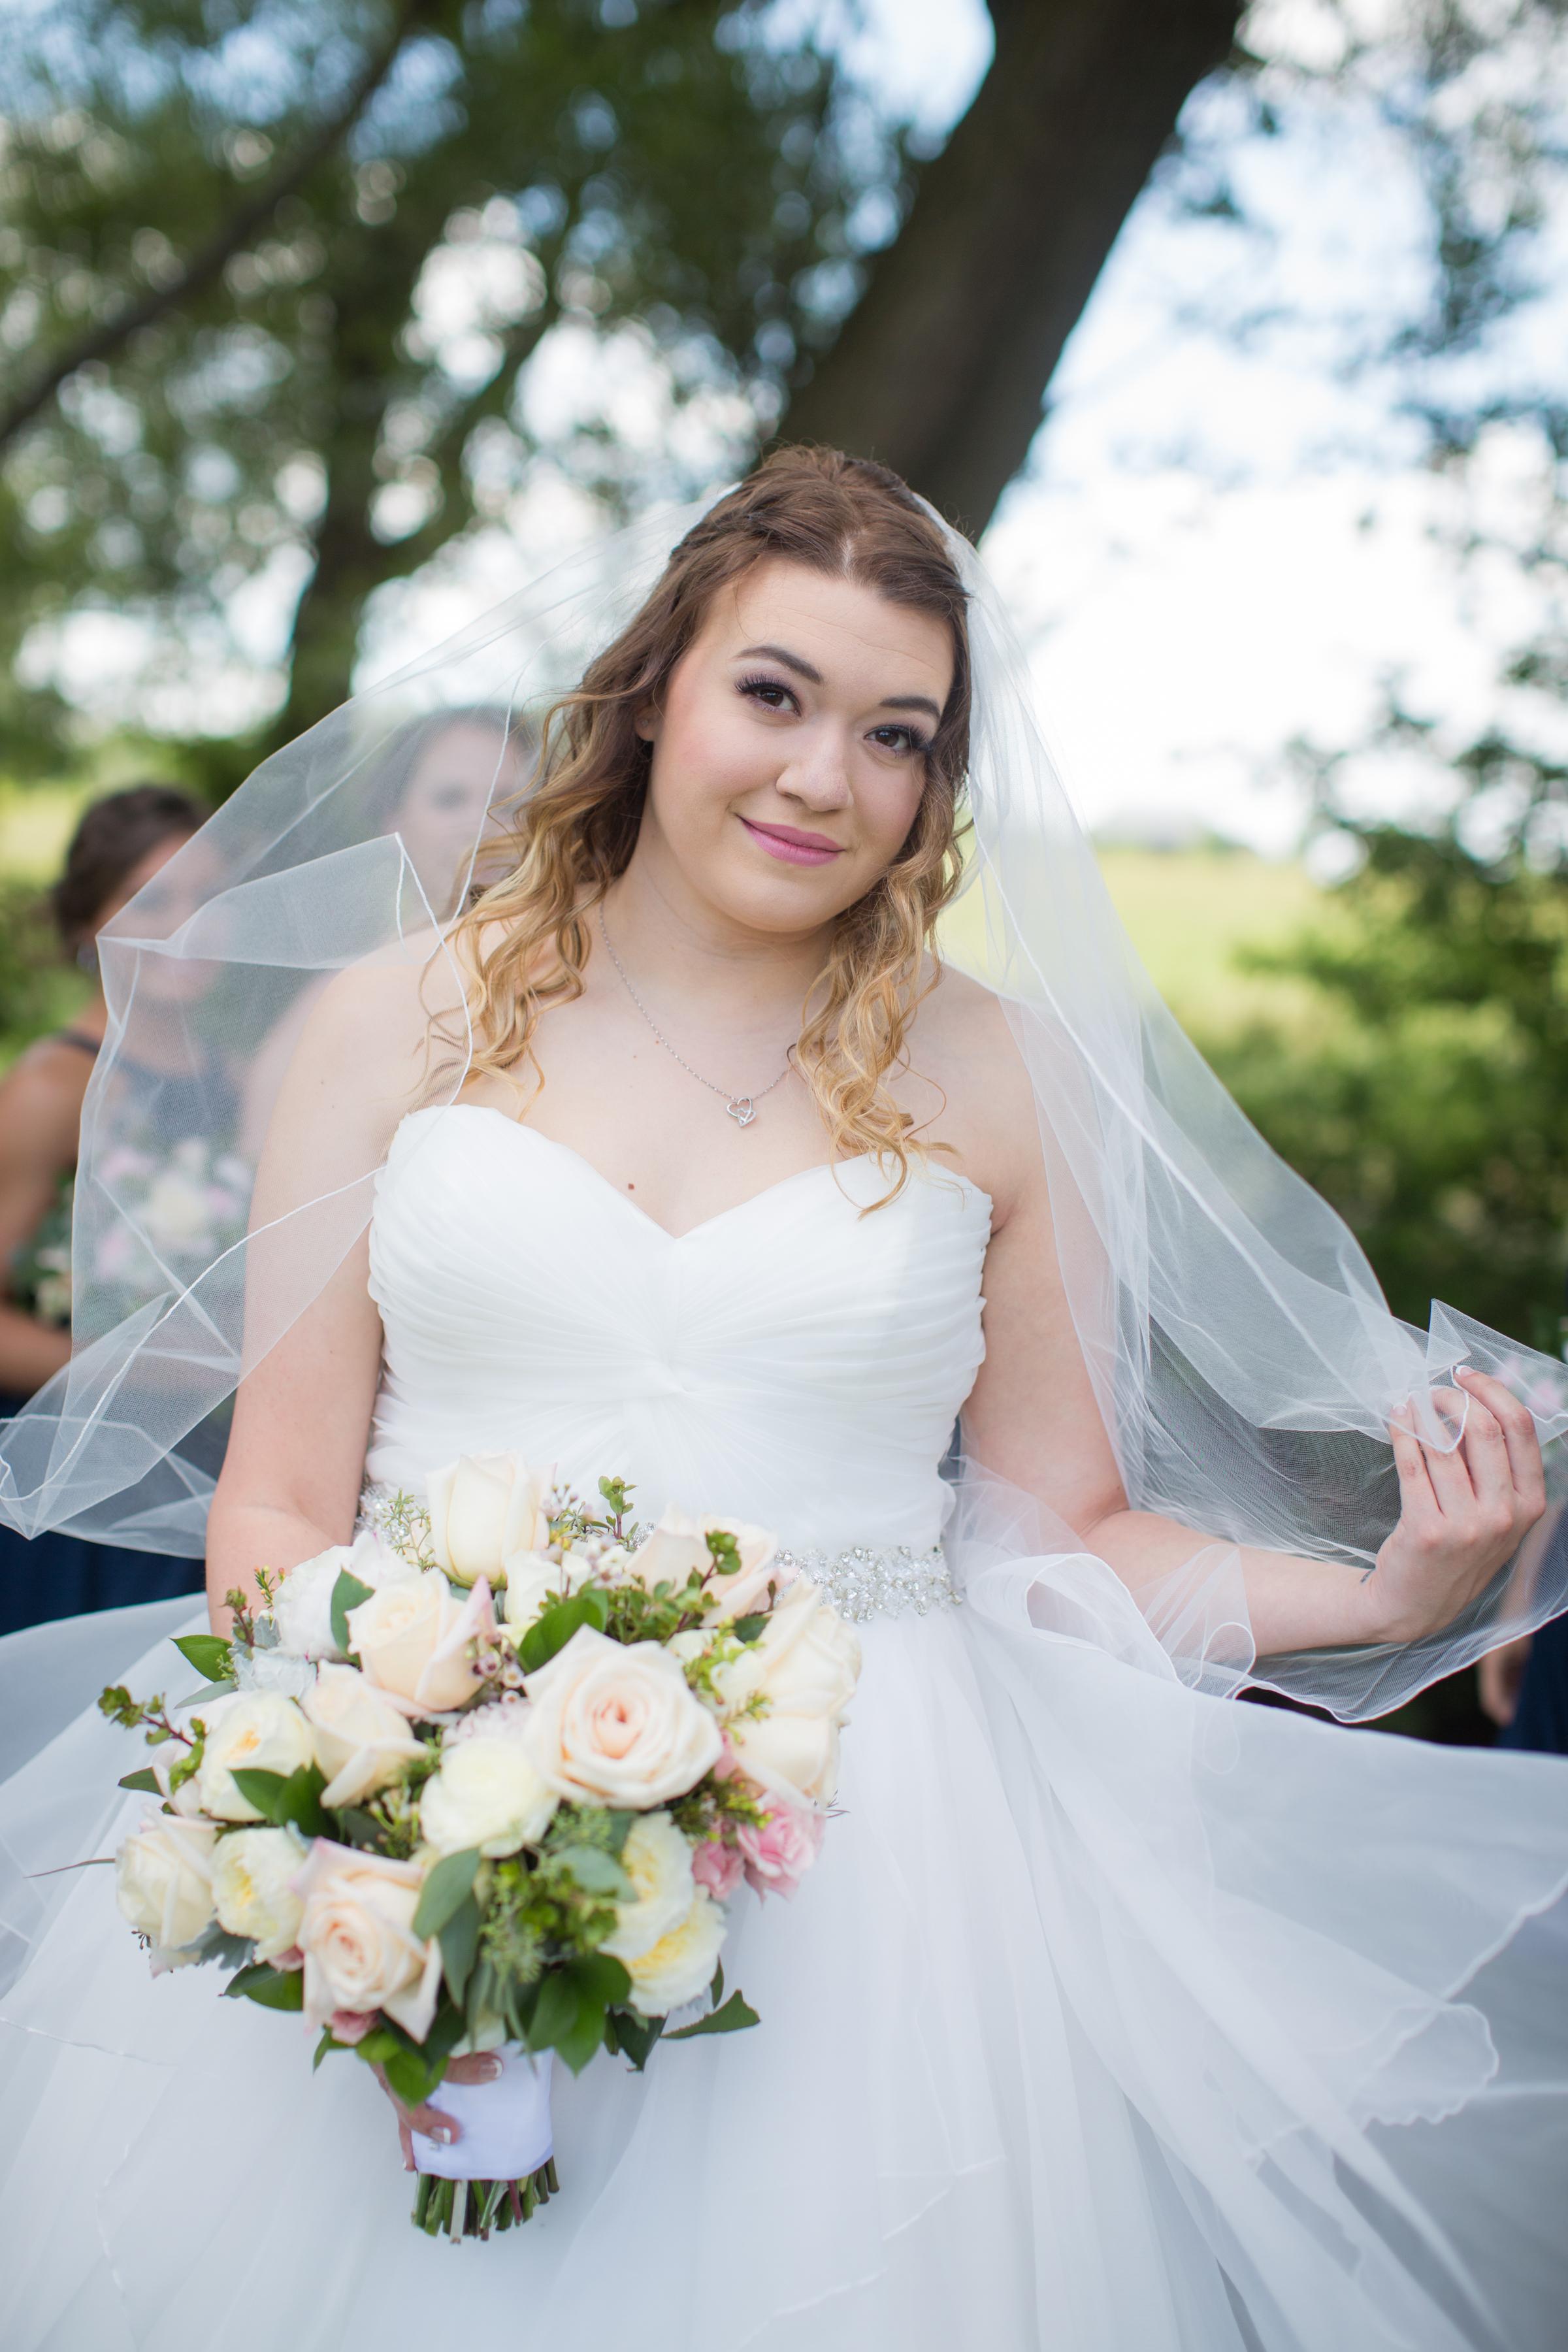 Bride posing for wedding photos with a Detroit wedding photographer